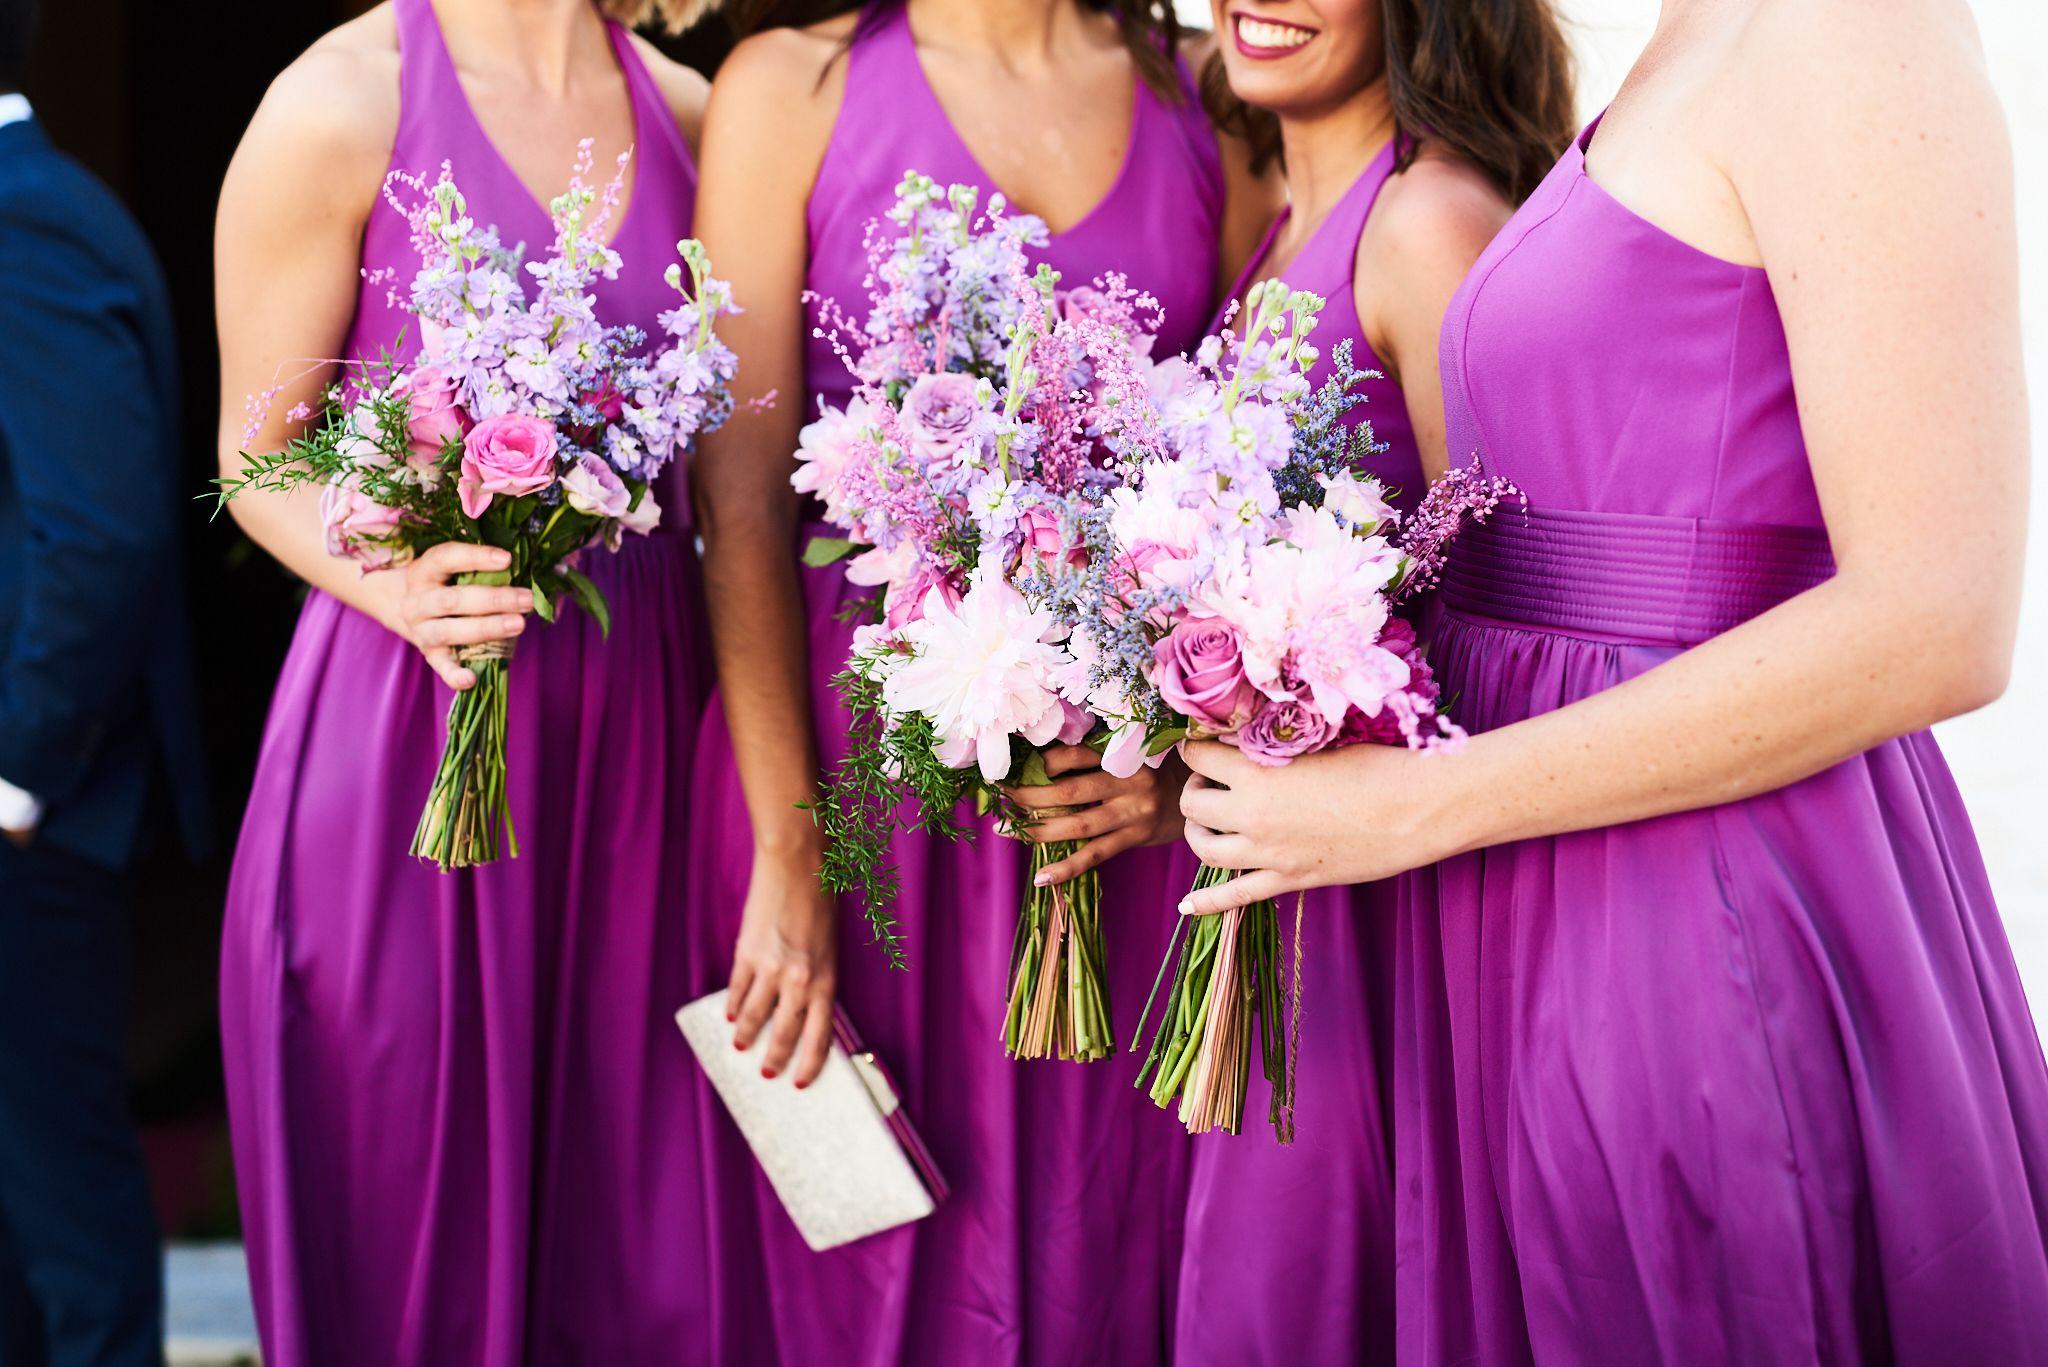 La-22Destination-Wedding22-en-Moguer-de-Lauren-y-JosC3A9-Antonio-JoseAntonio-alejandromarmol0858.jpg